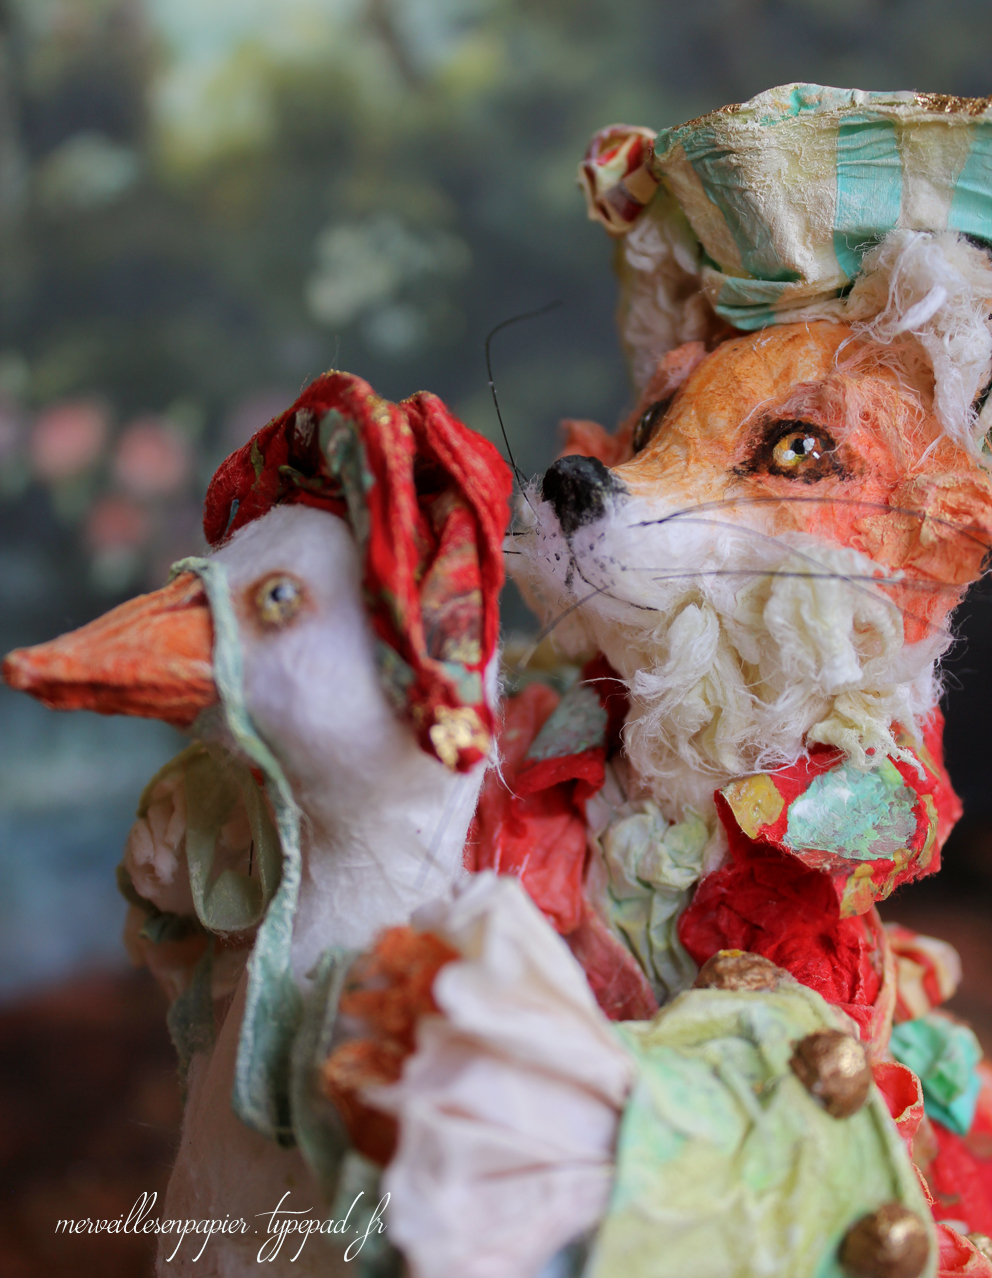 enfant-renard-oie-29.jpg